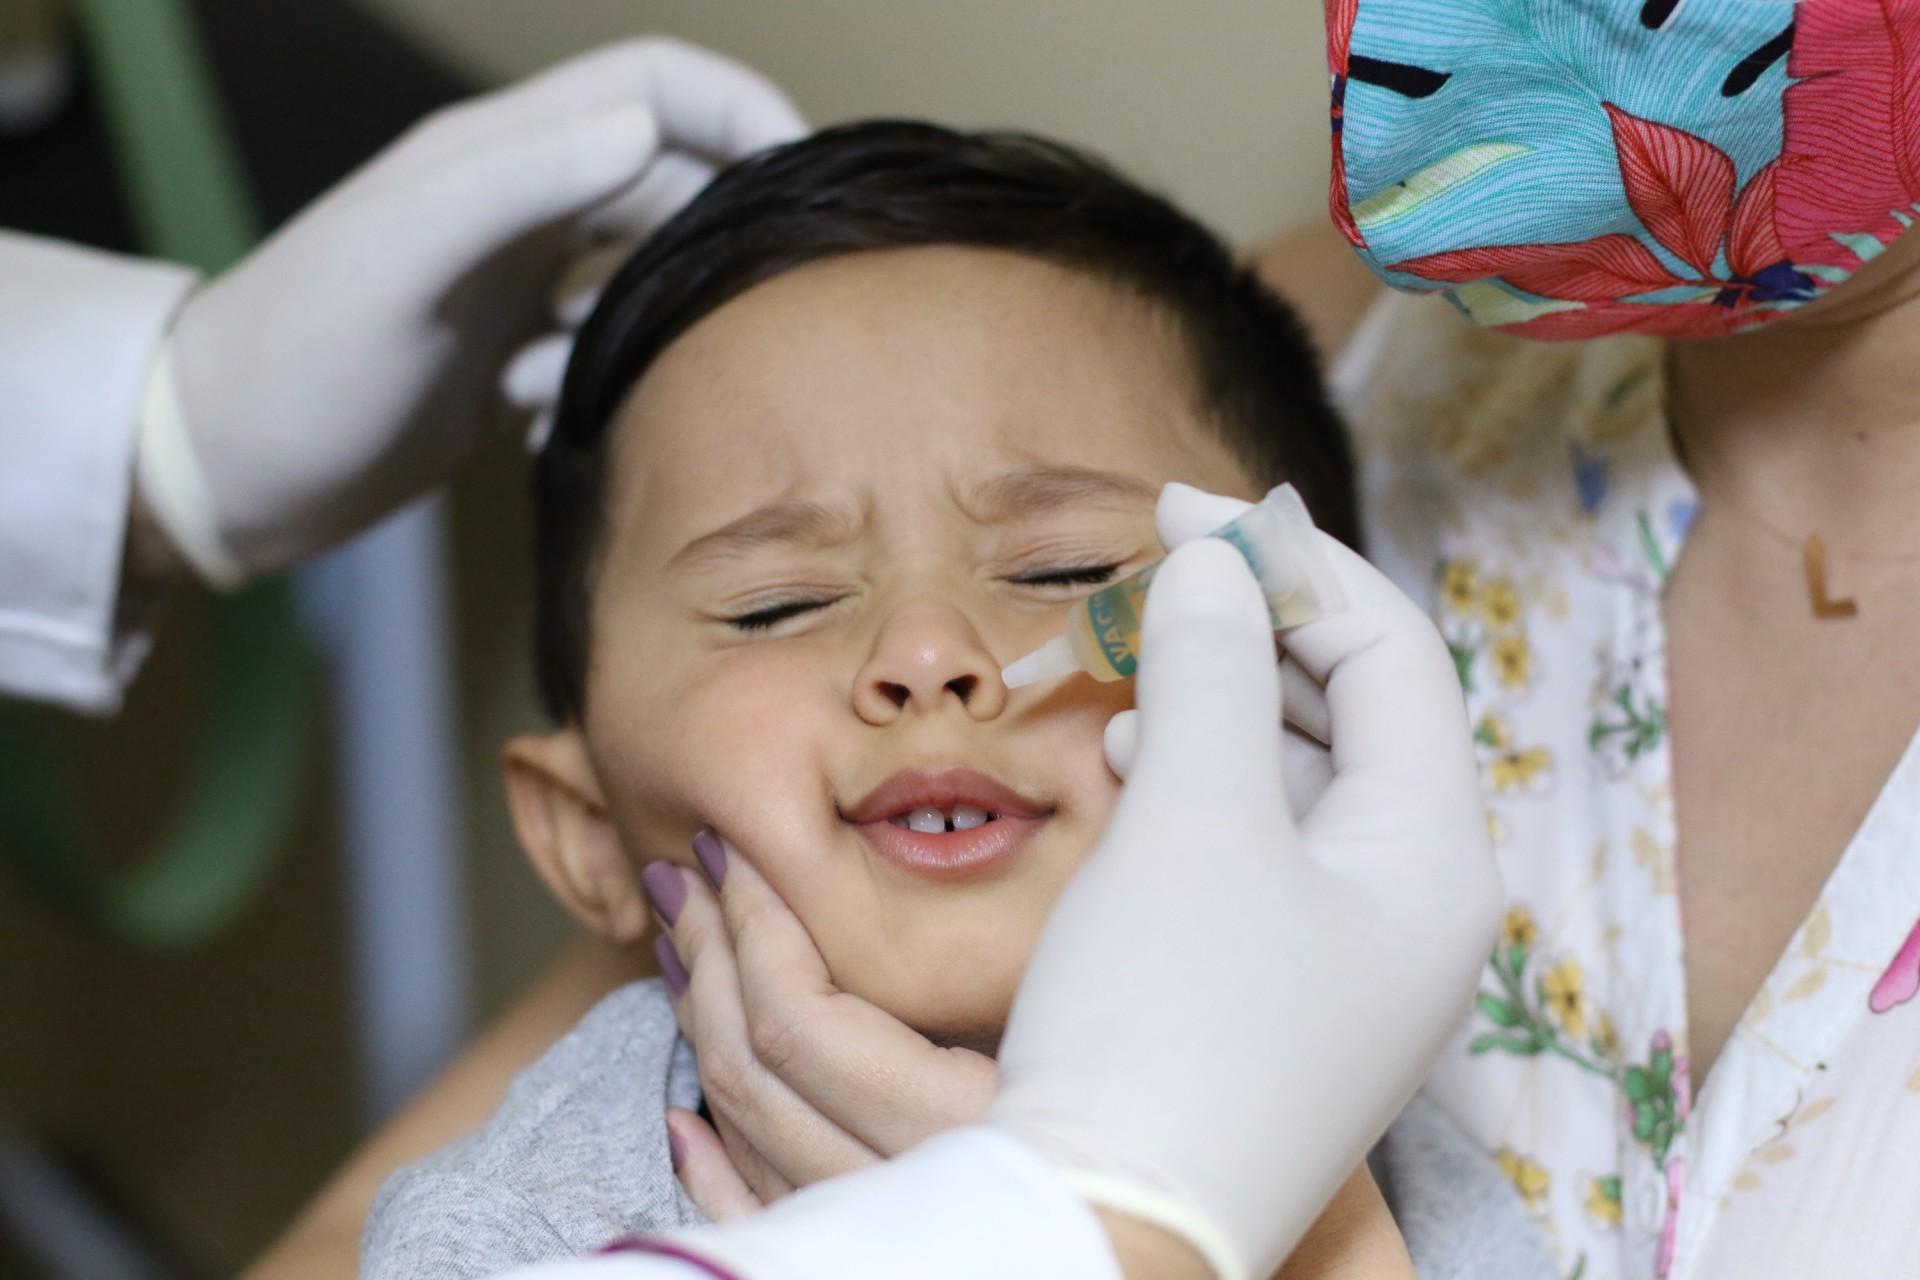 DIA D da campanha nacional de vacinação ocorreu no último sábado (Foto: Fabio Lima)